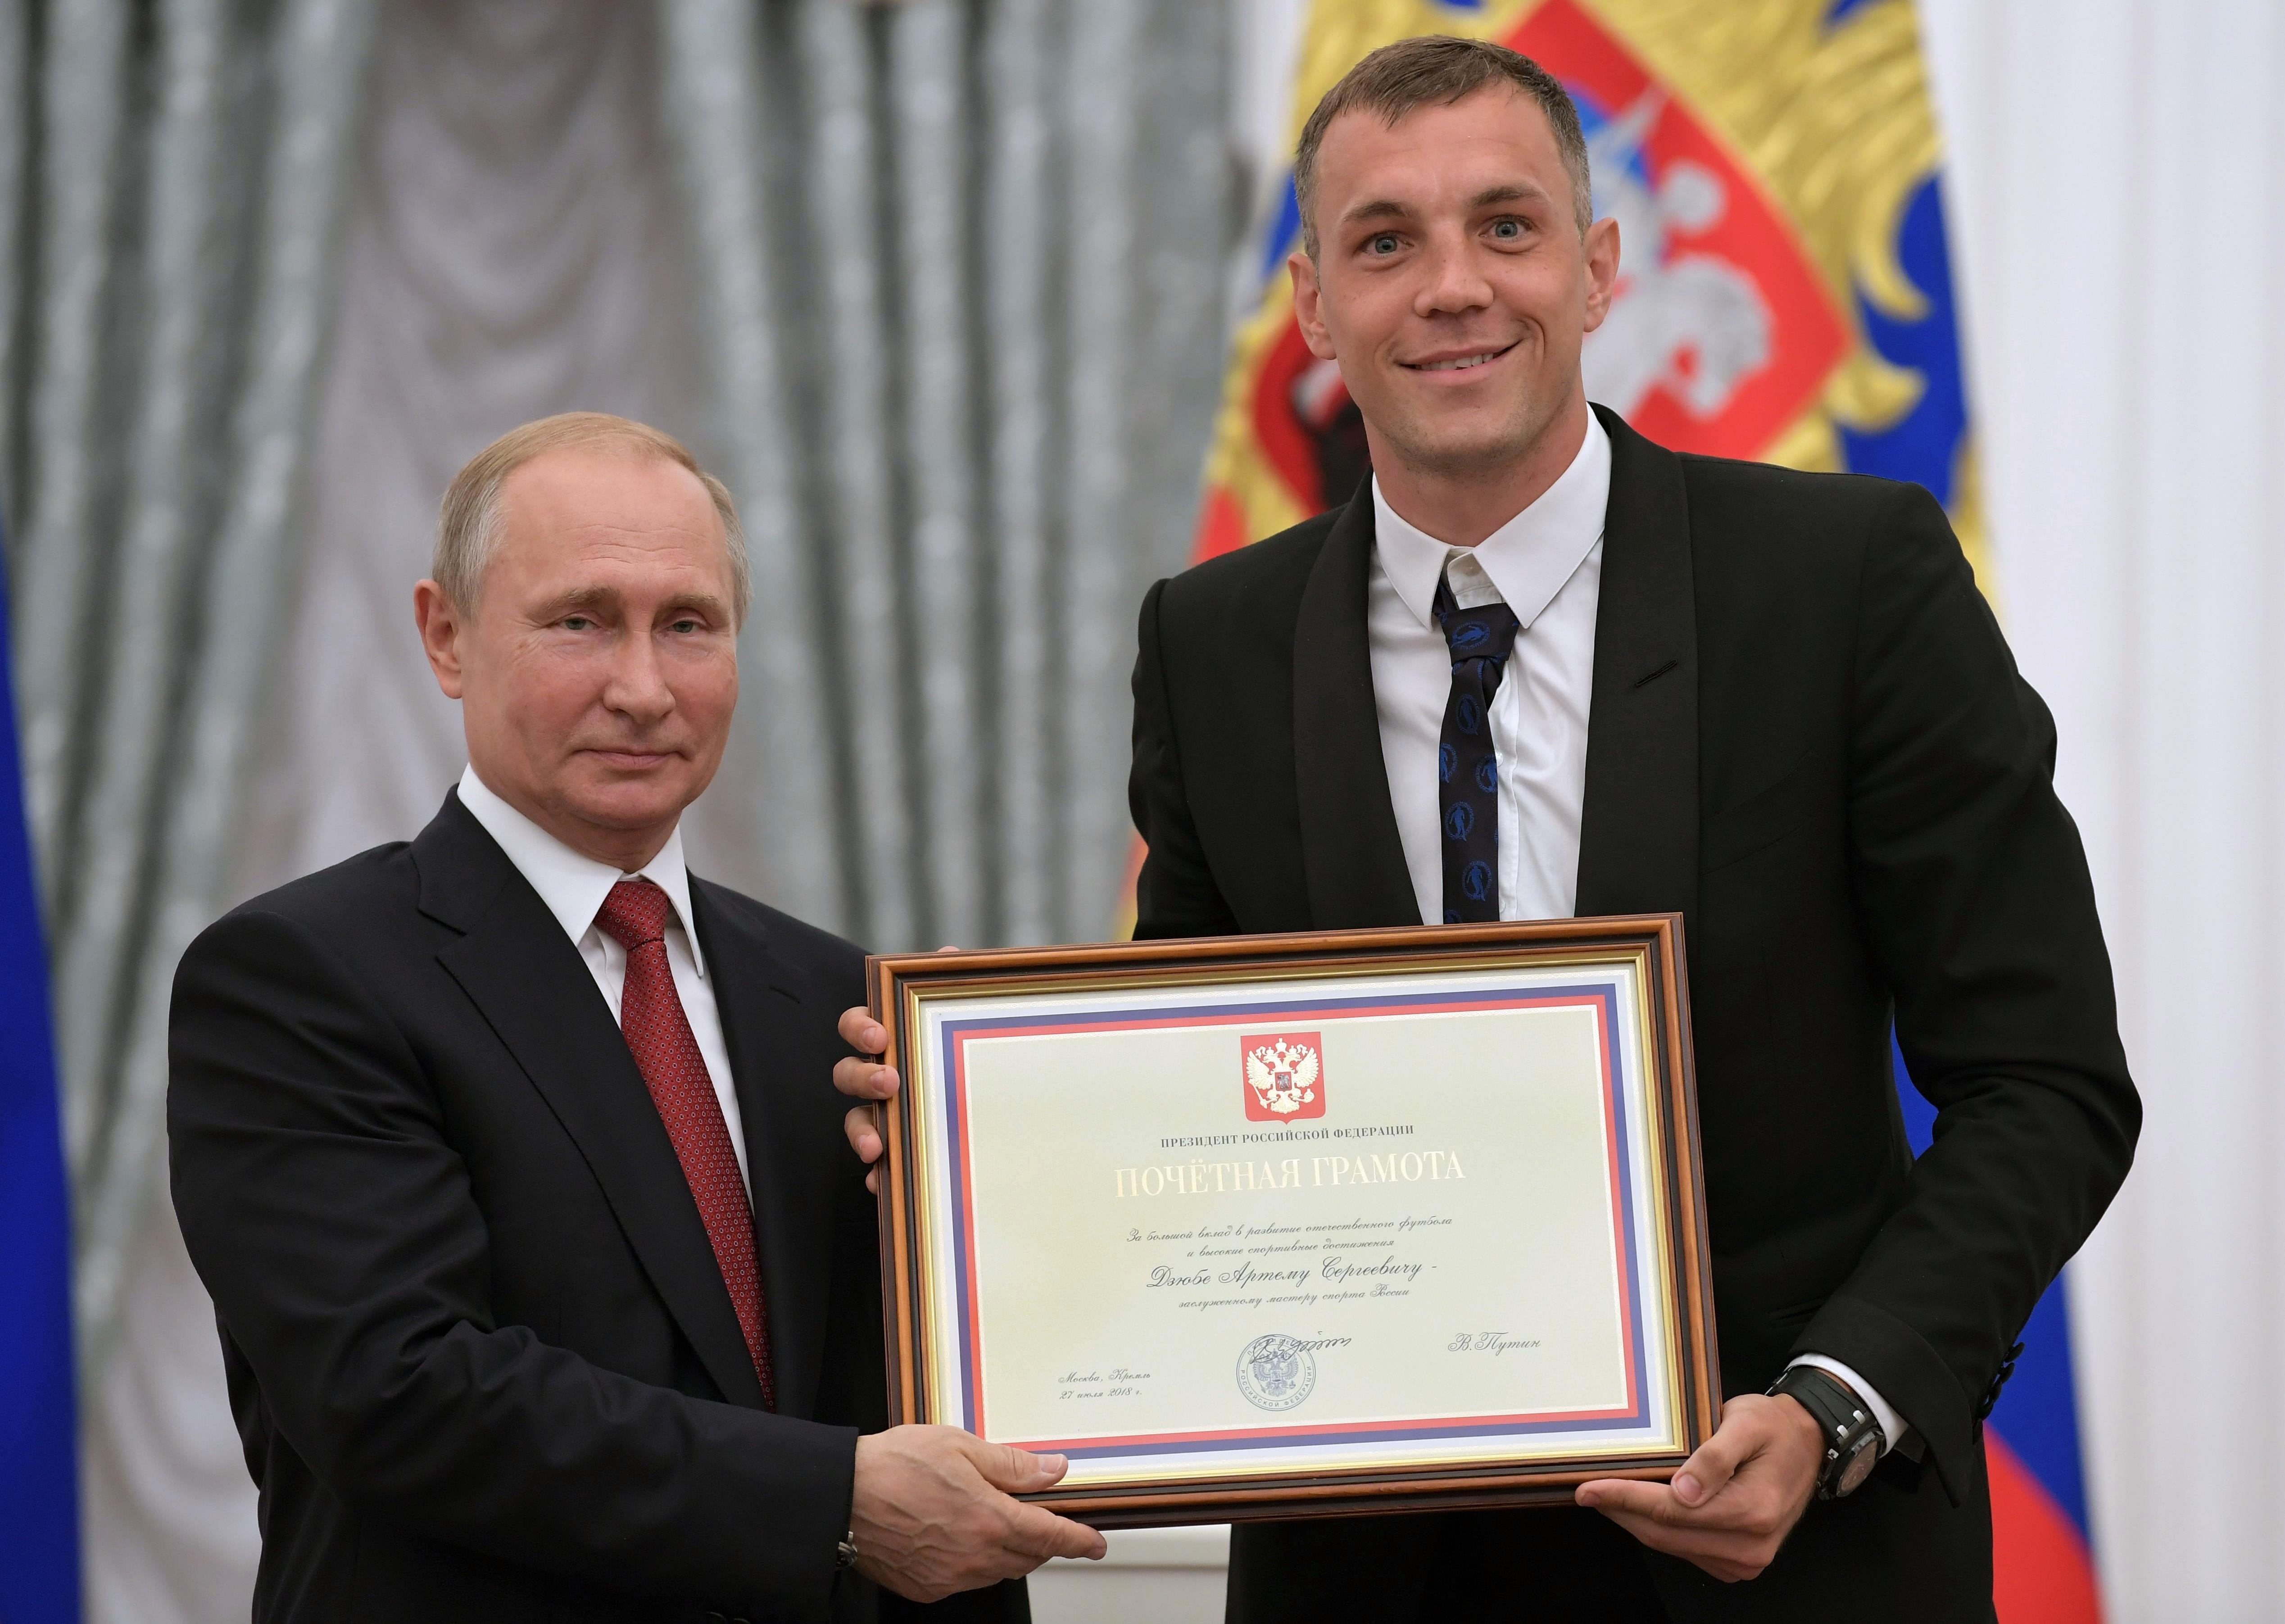 Фото: © РИА Новости / Сергей Гунеев